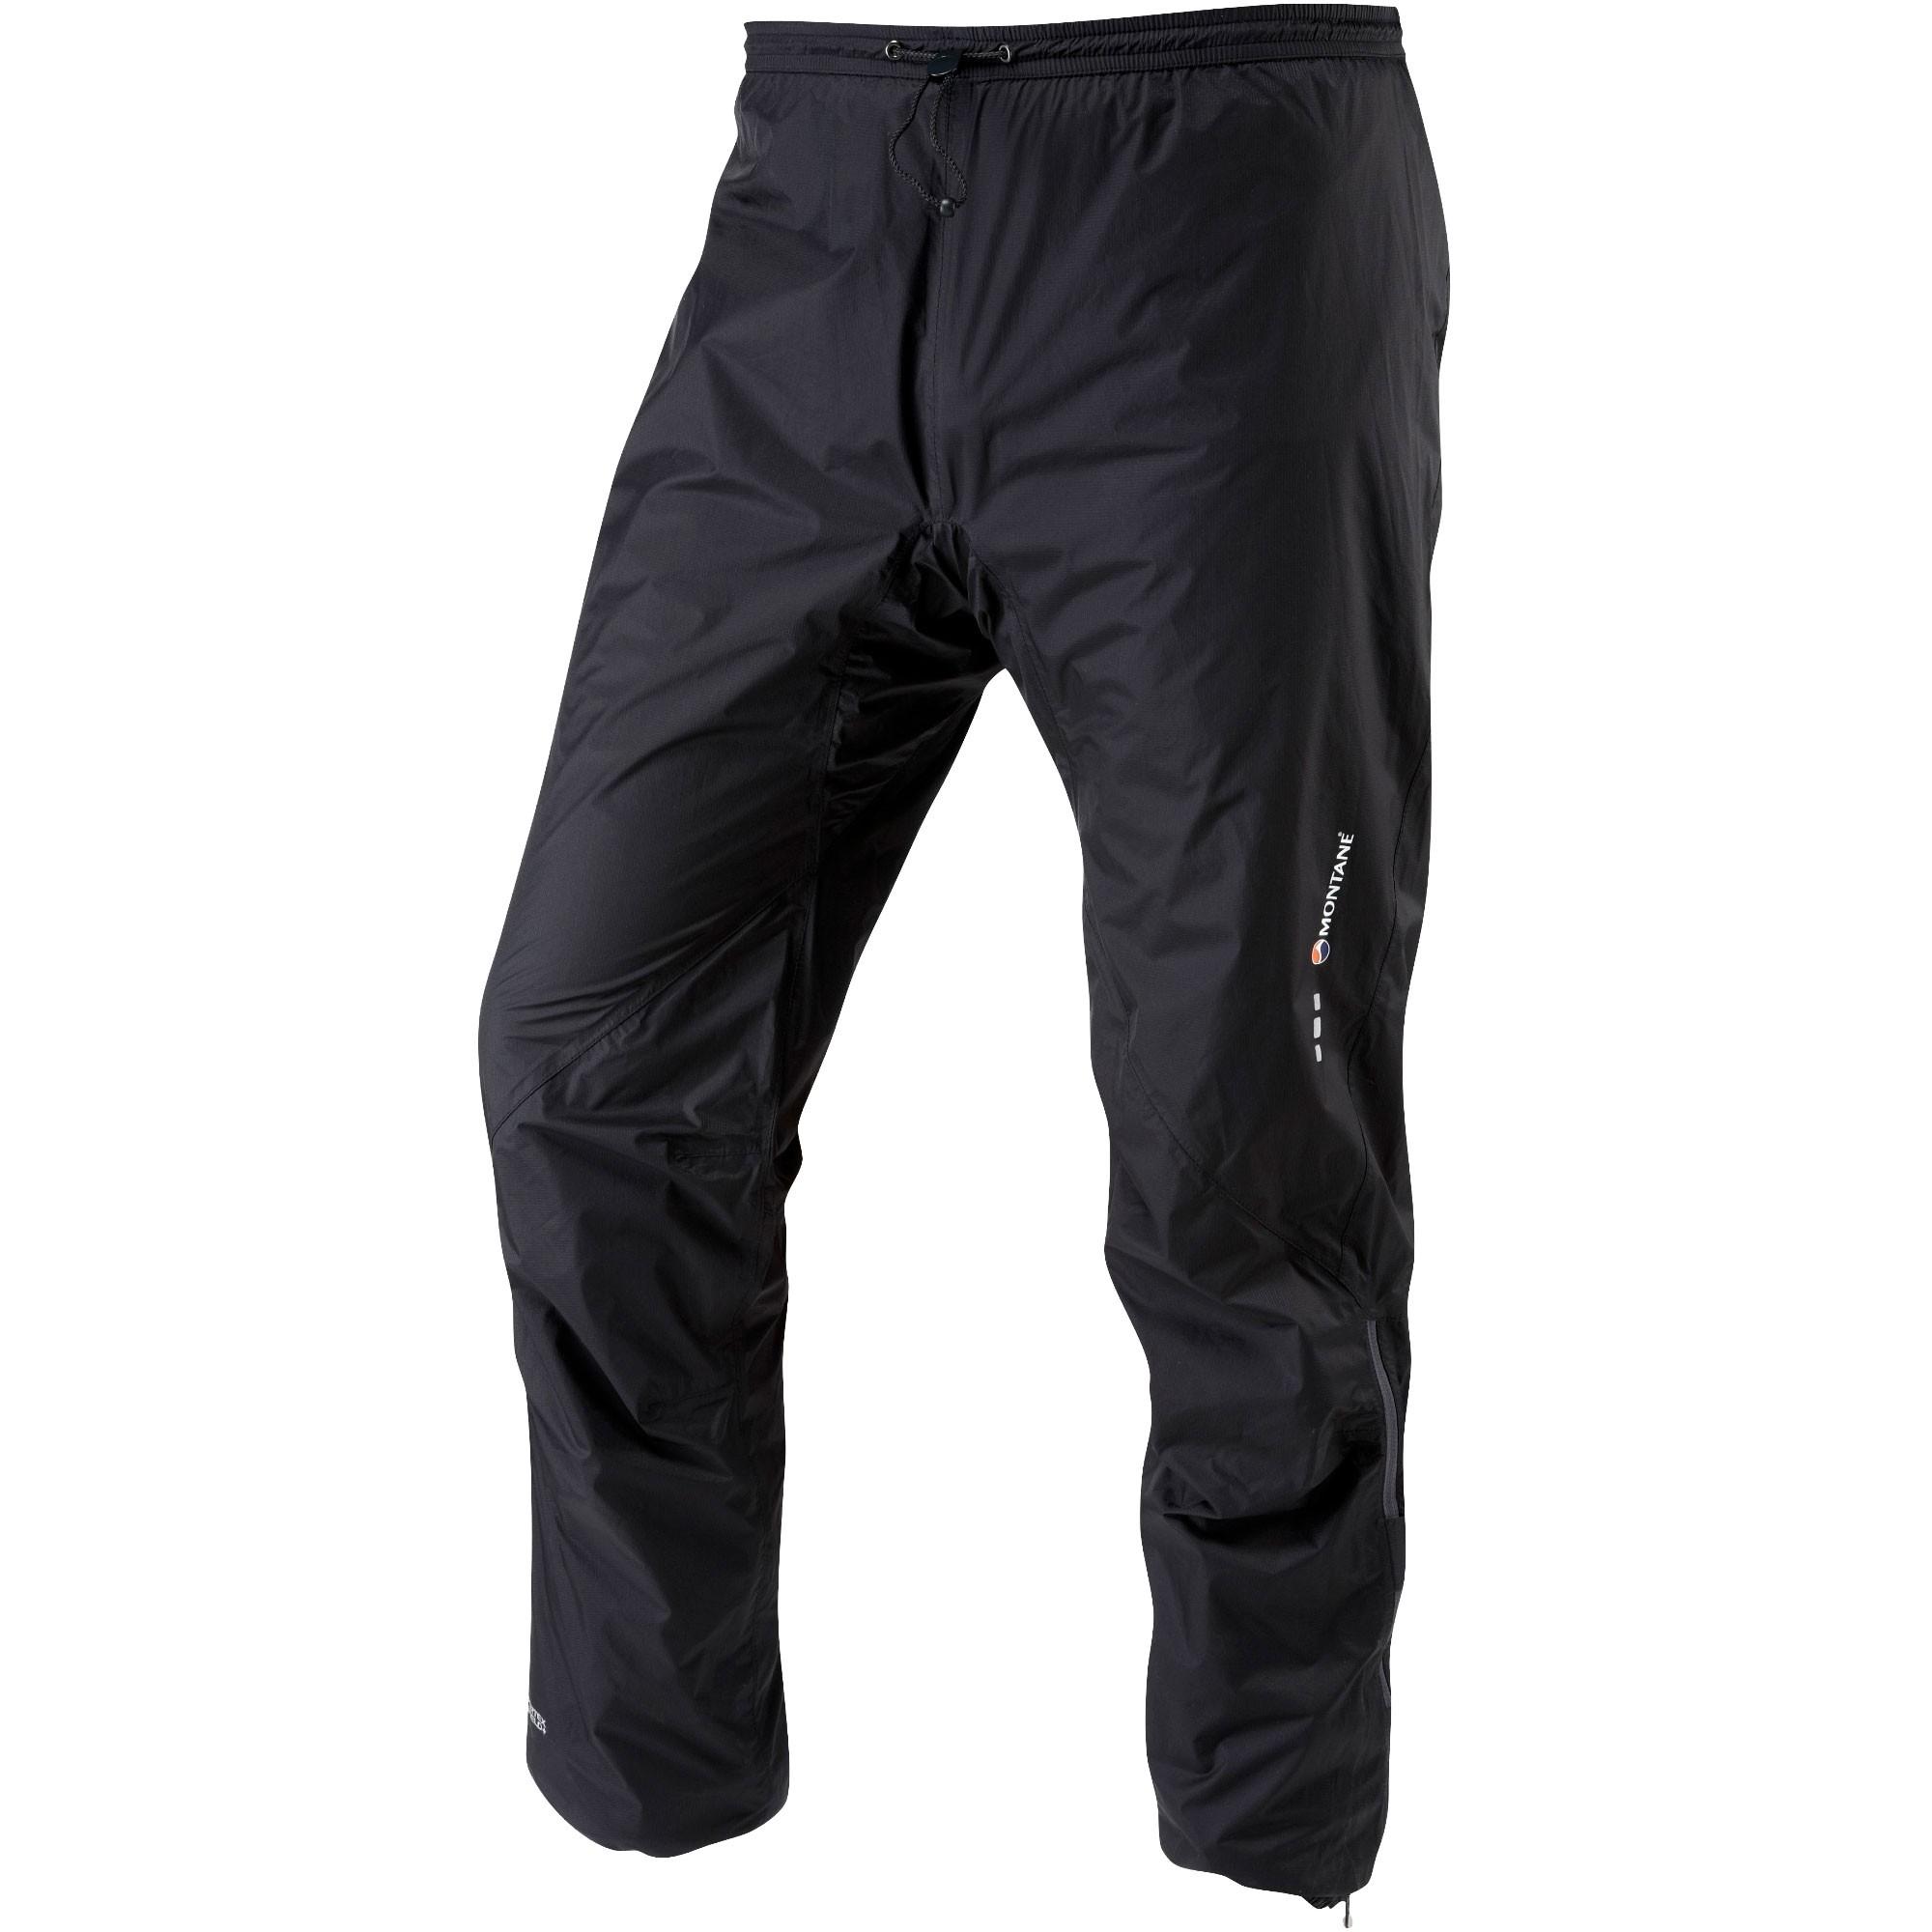 Montane Minimus Men's Waterproof Pants - Black